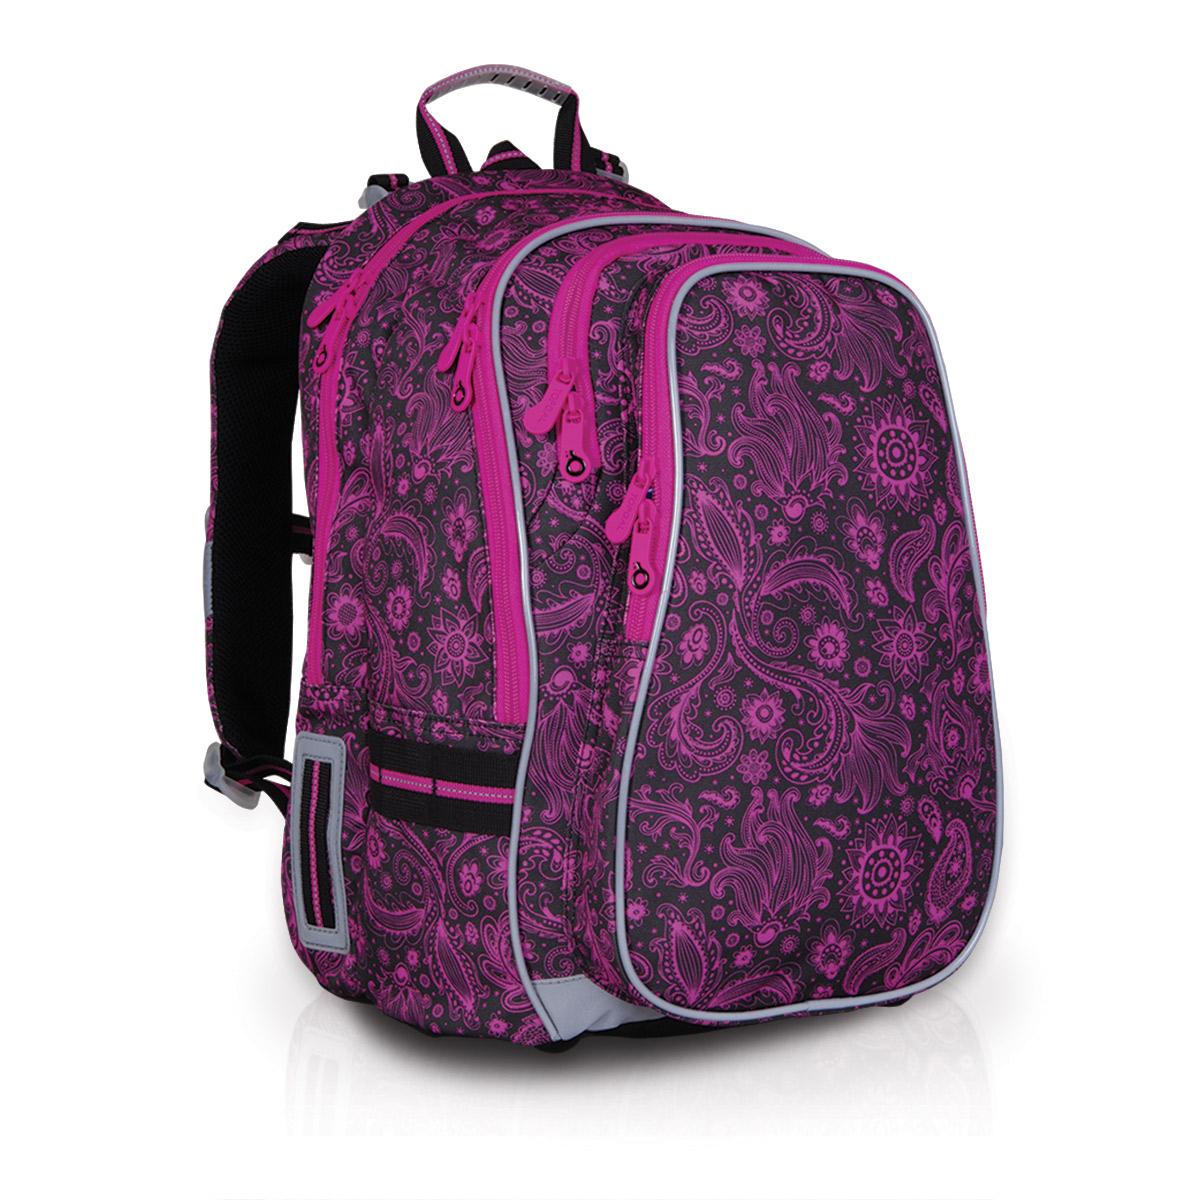 Topgal školní batoh CHI 744 I Violet